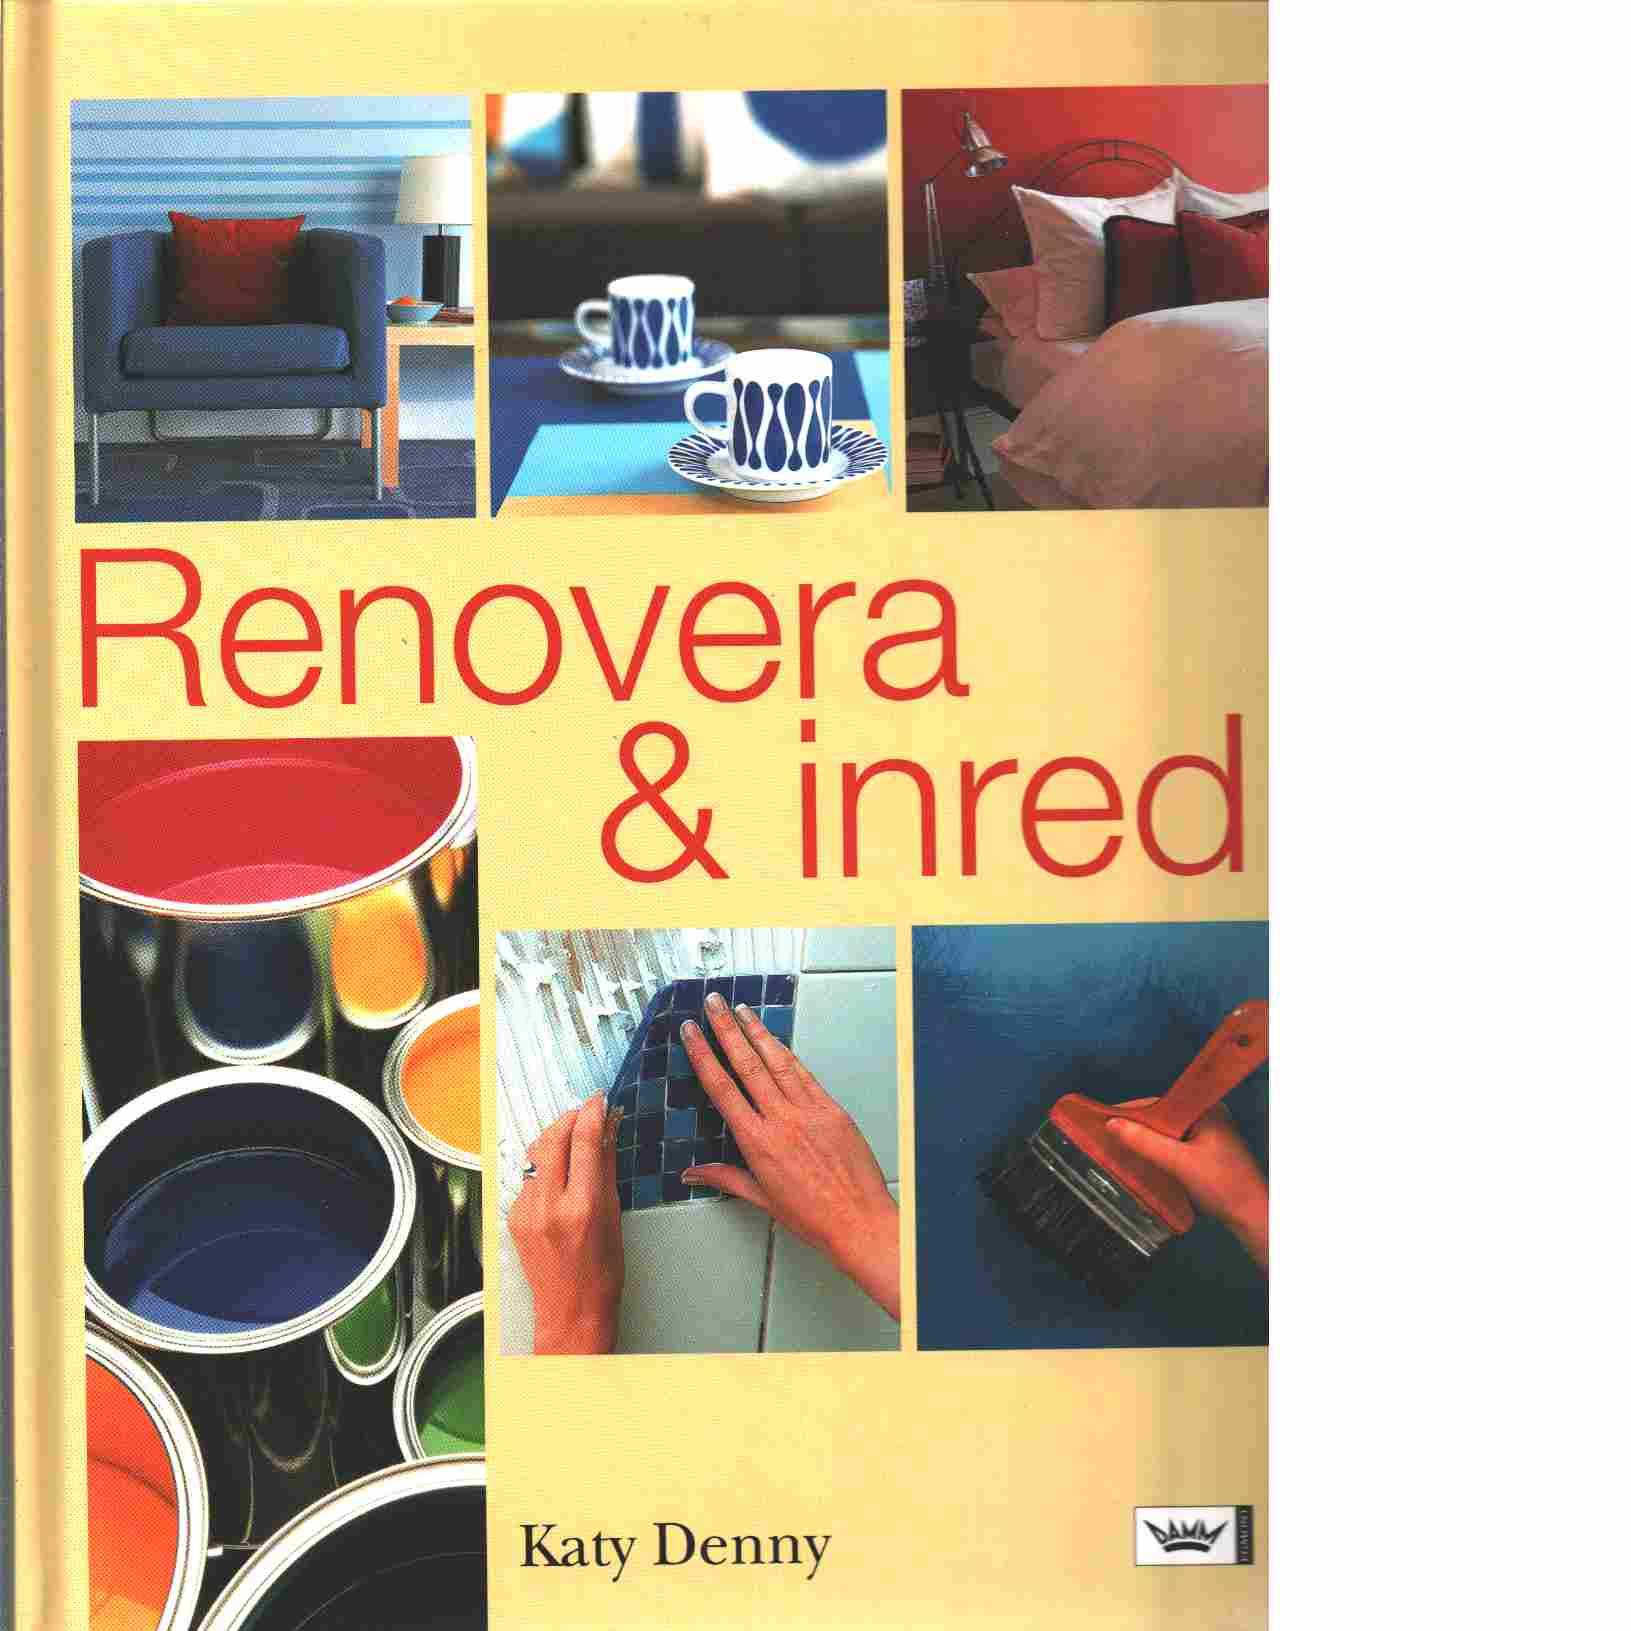 Renovera & inred - Denny, Katy